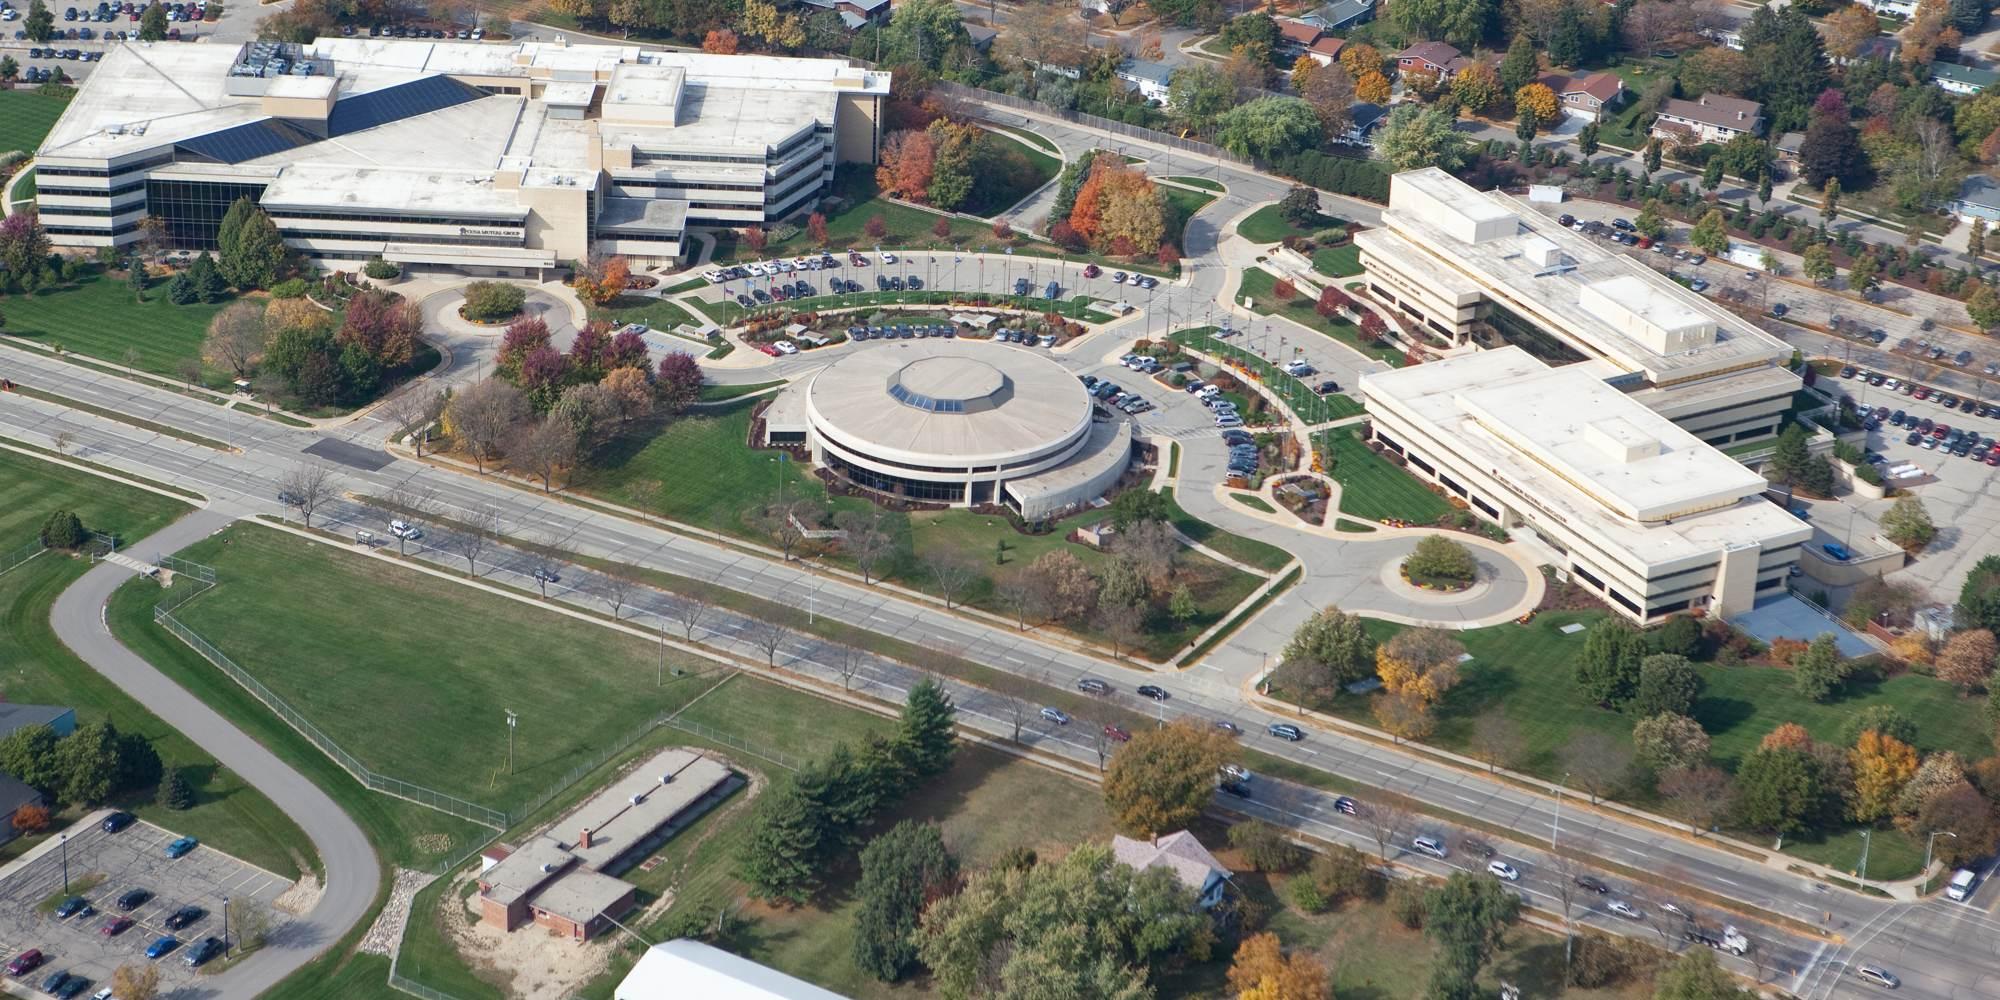 CUNA Mutual Aerial 2000x1000.jpg